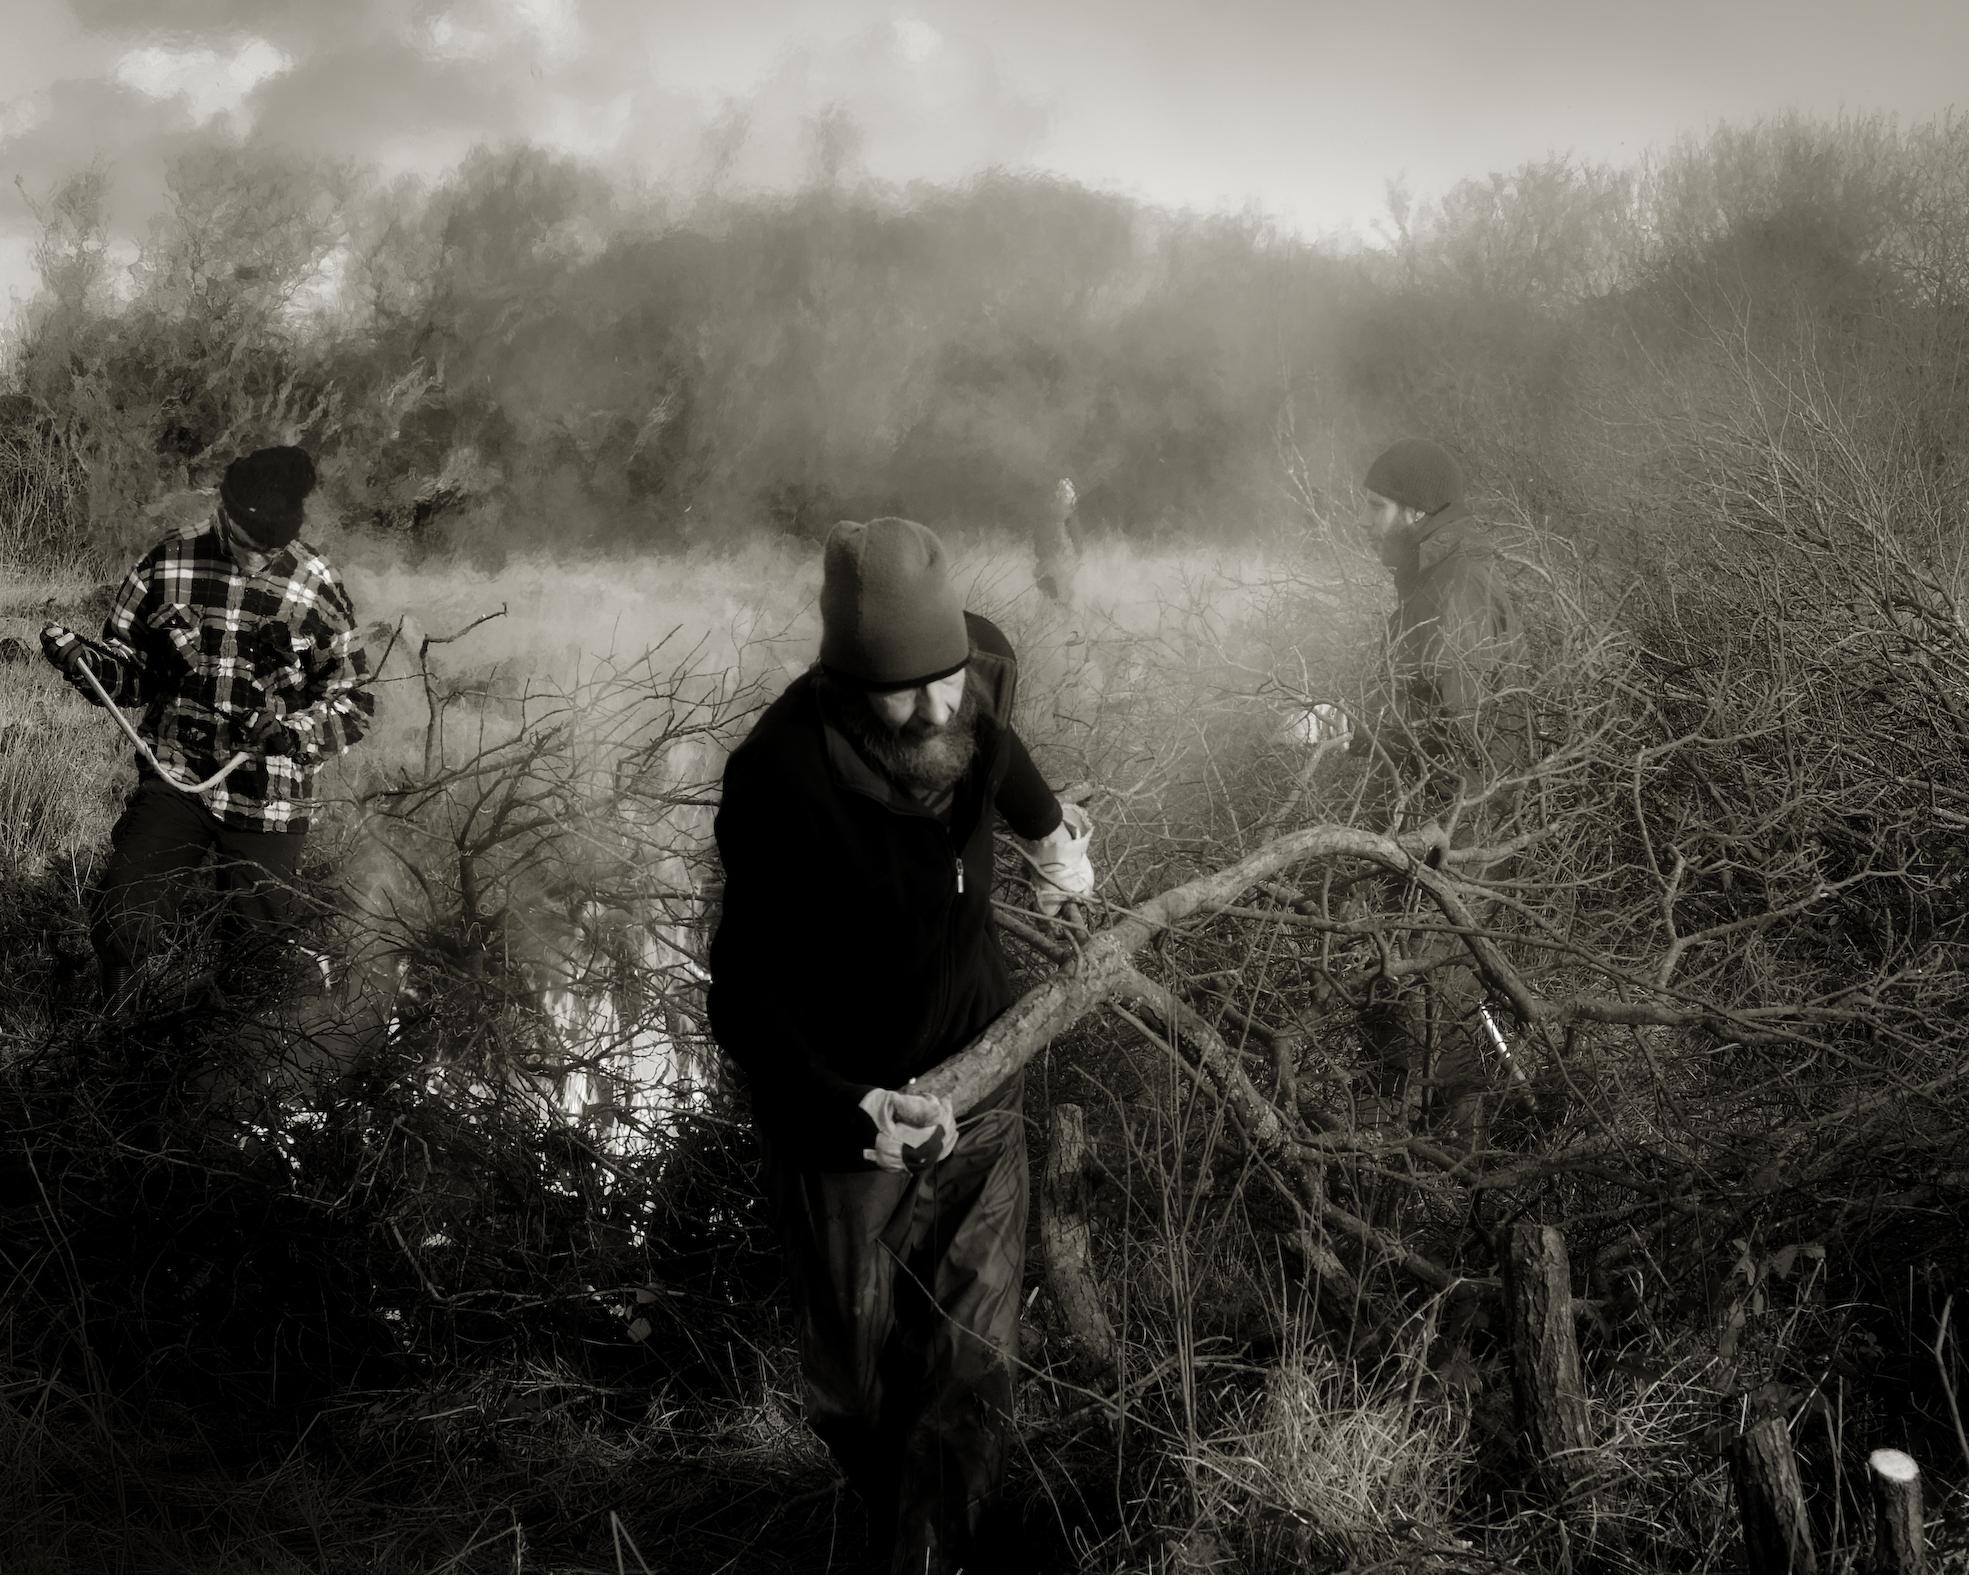 Image © Chris Tancock